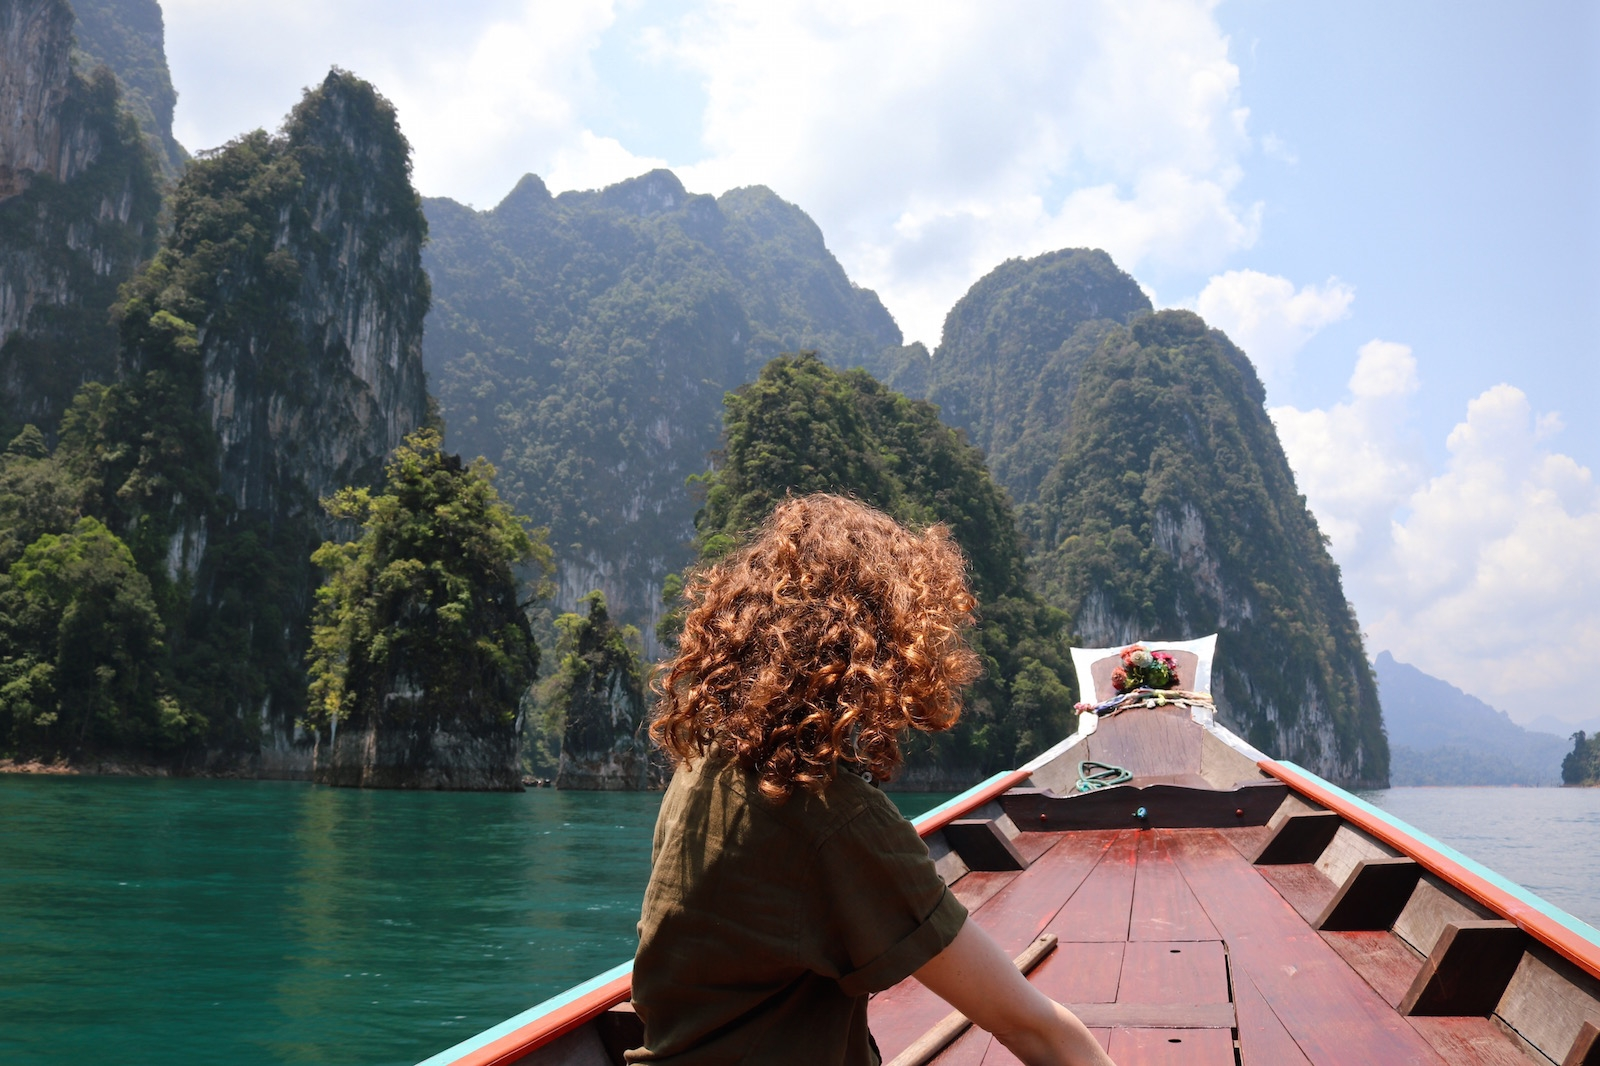 Travel Wiser Thailand itinerary: Khao Sok